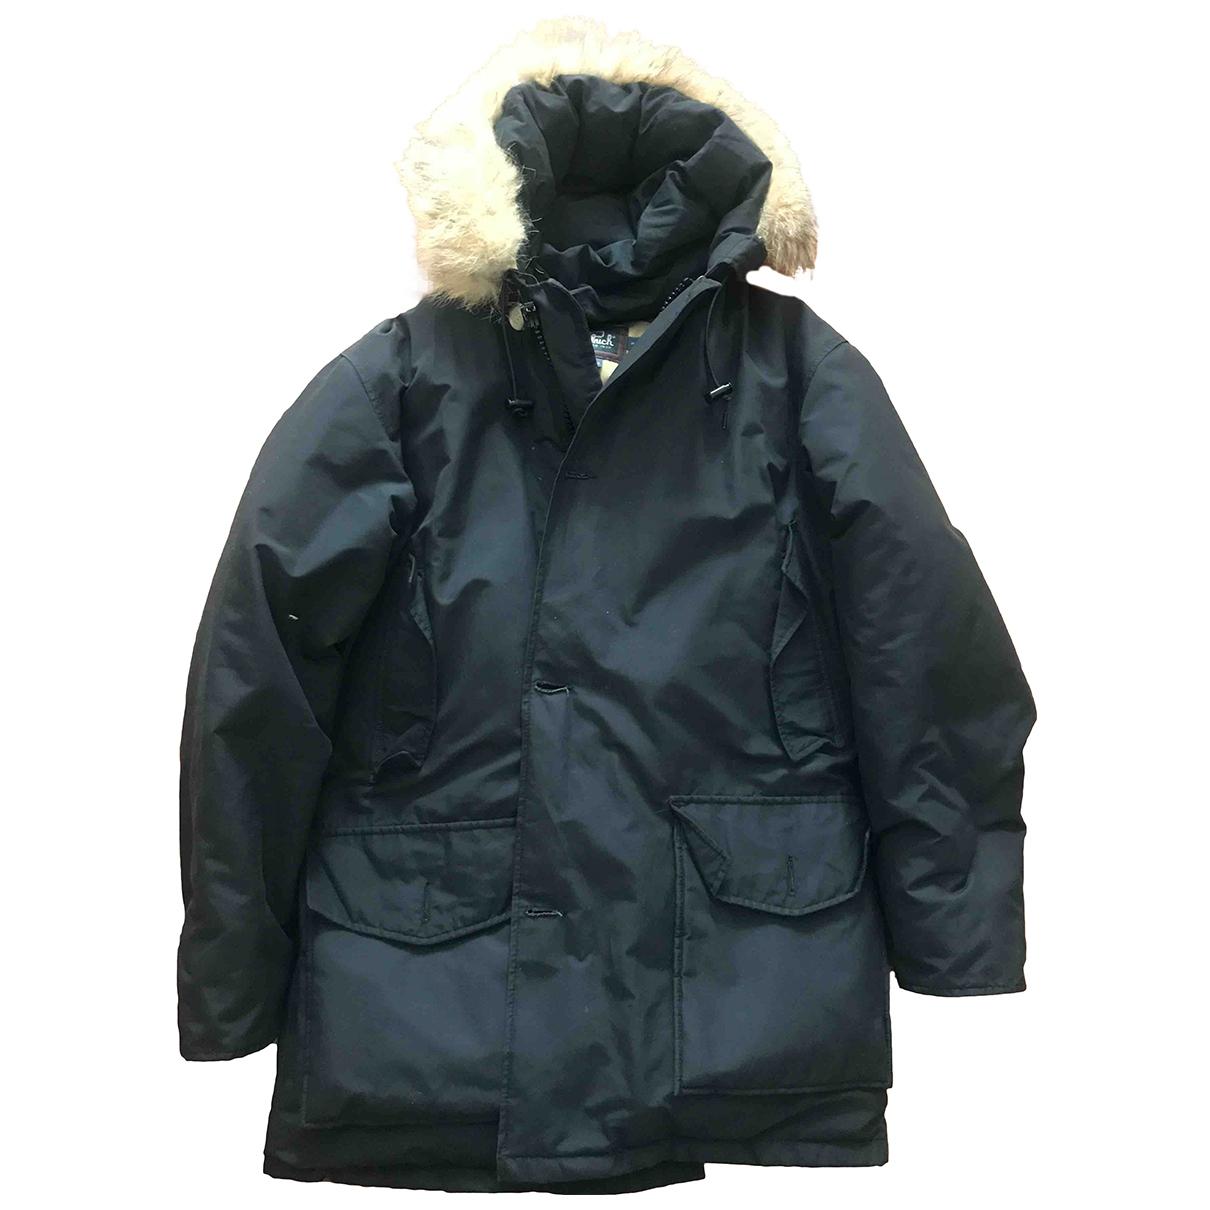 Woolrich \N Blue coat for Women S International